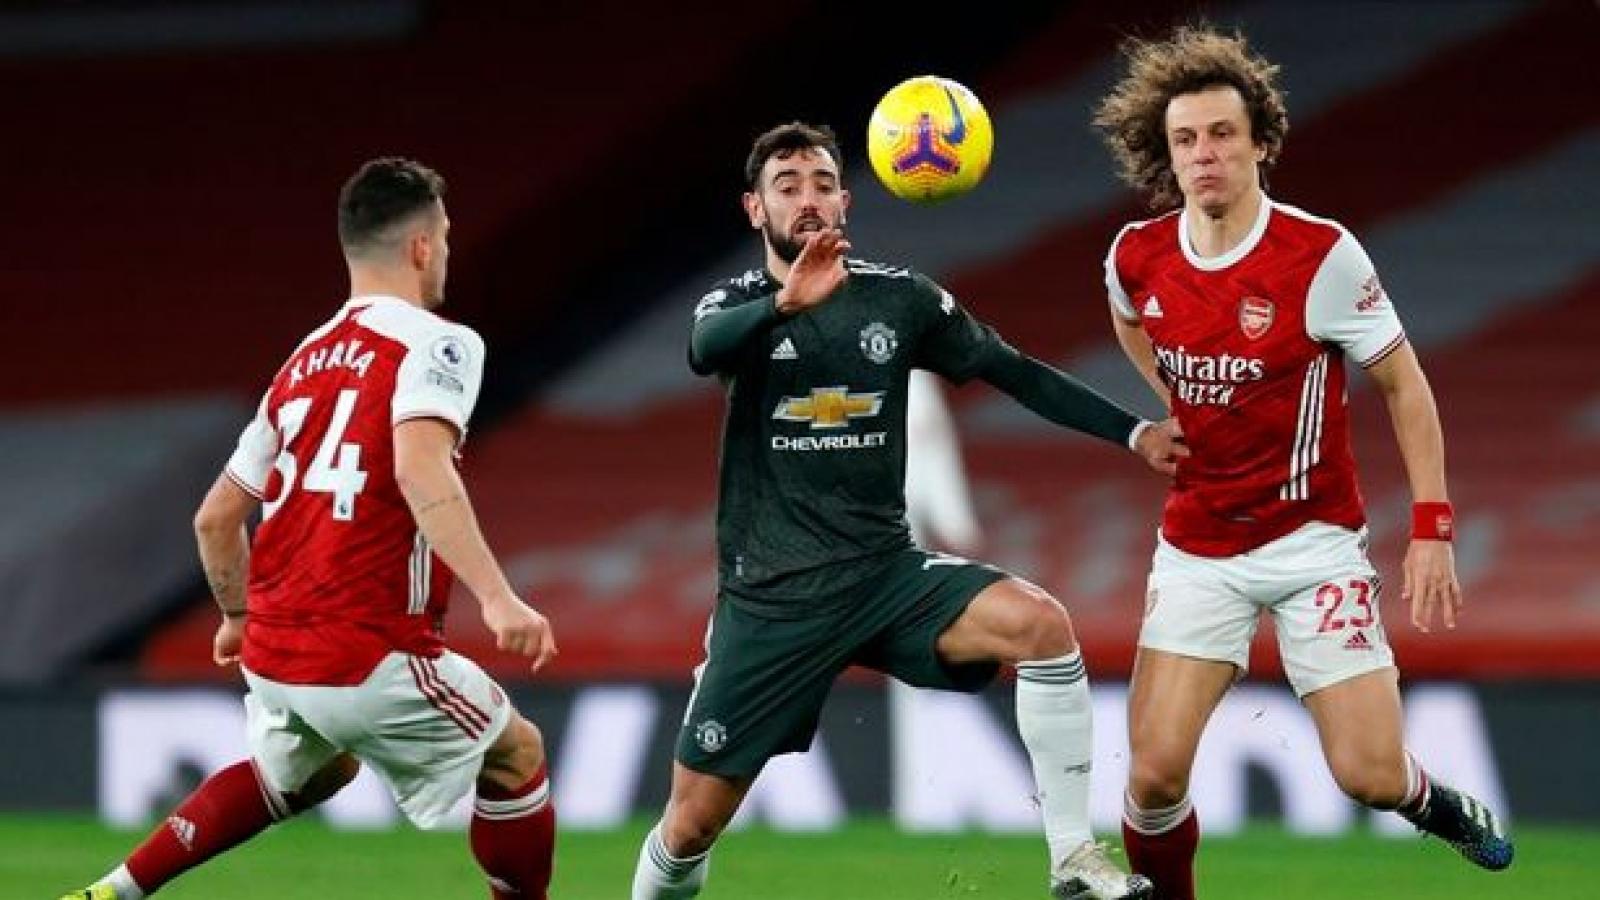 Chấm điểm Arsenal 0-0 MU: Bruno Fernandes vẫn là cầu thủ nhỏ ở trận đấu lớn